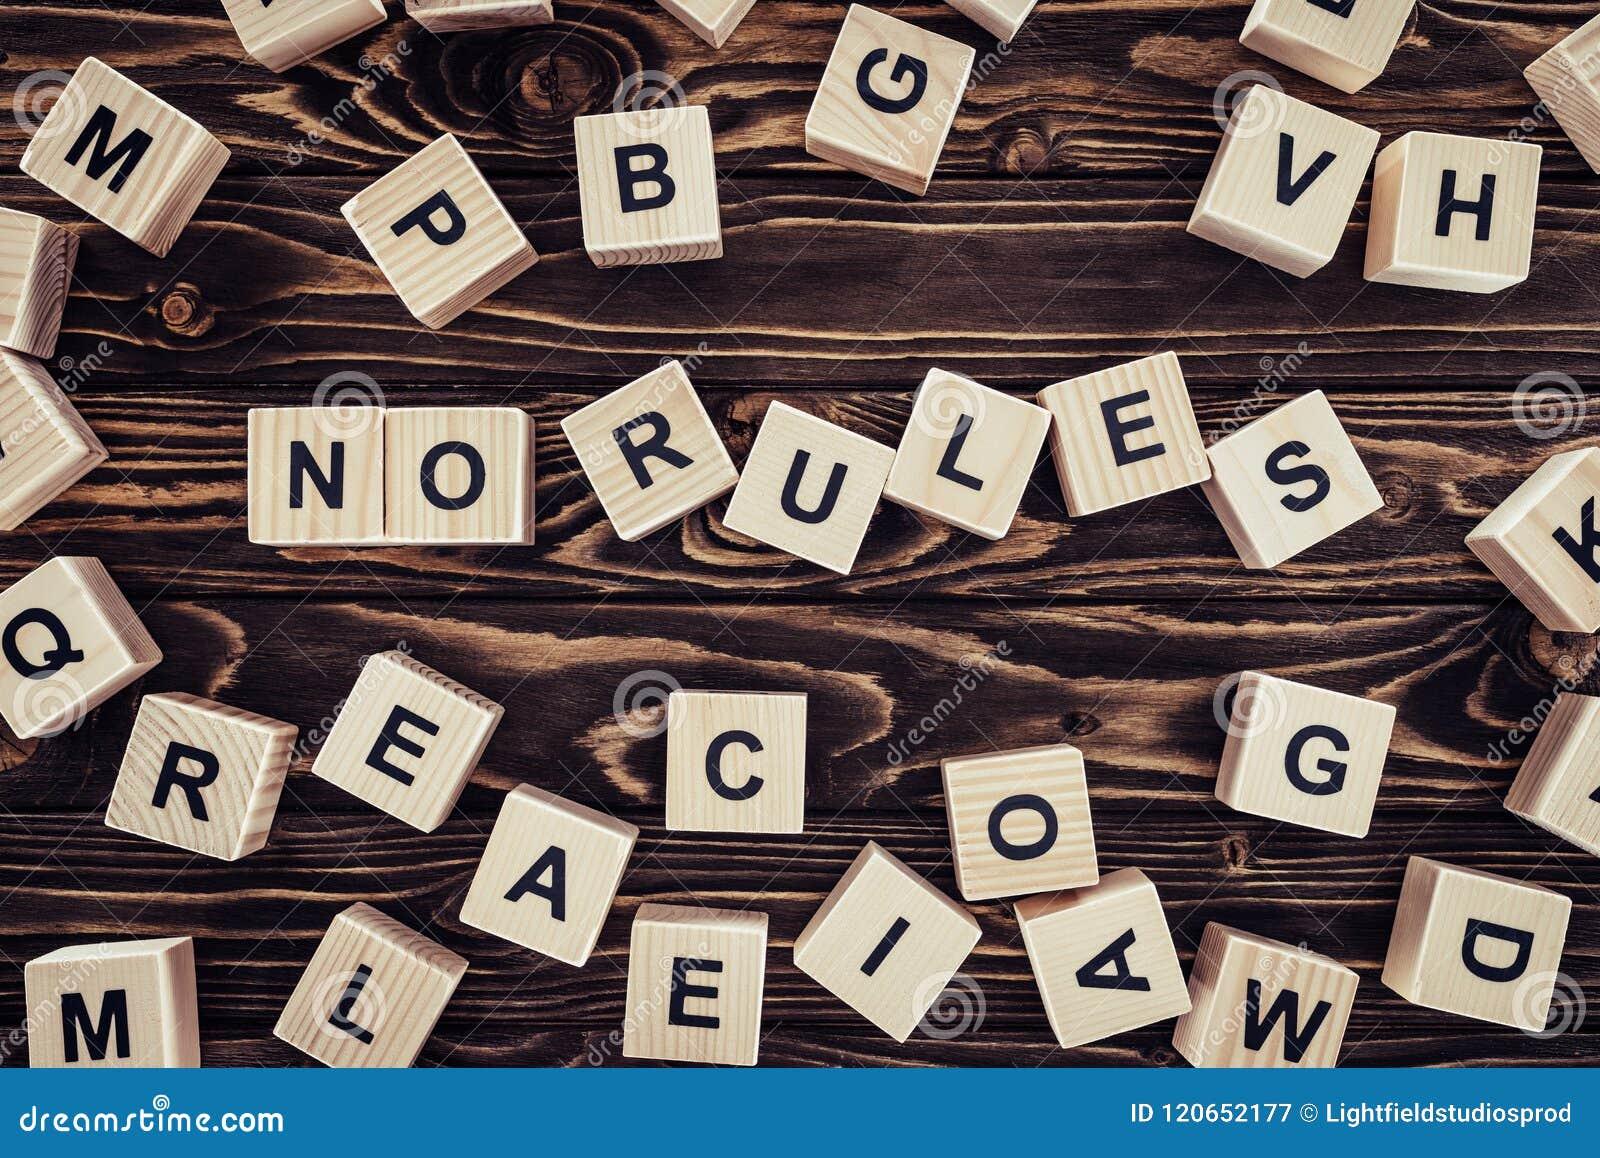 Bästa sikt av inget märka för regler som göras av träkuber på brunt